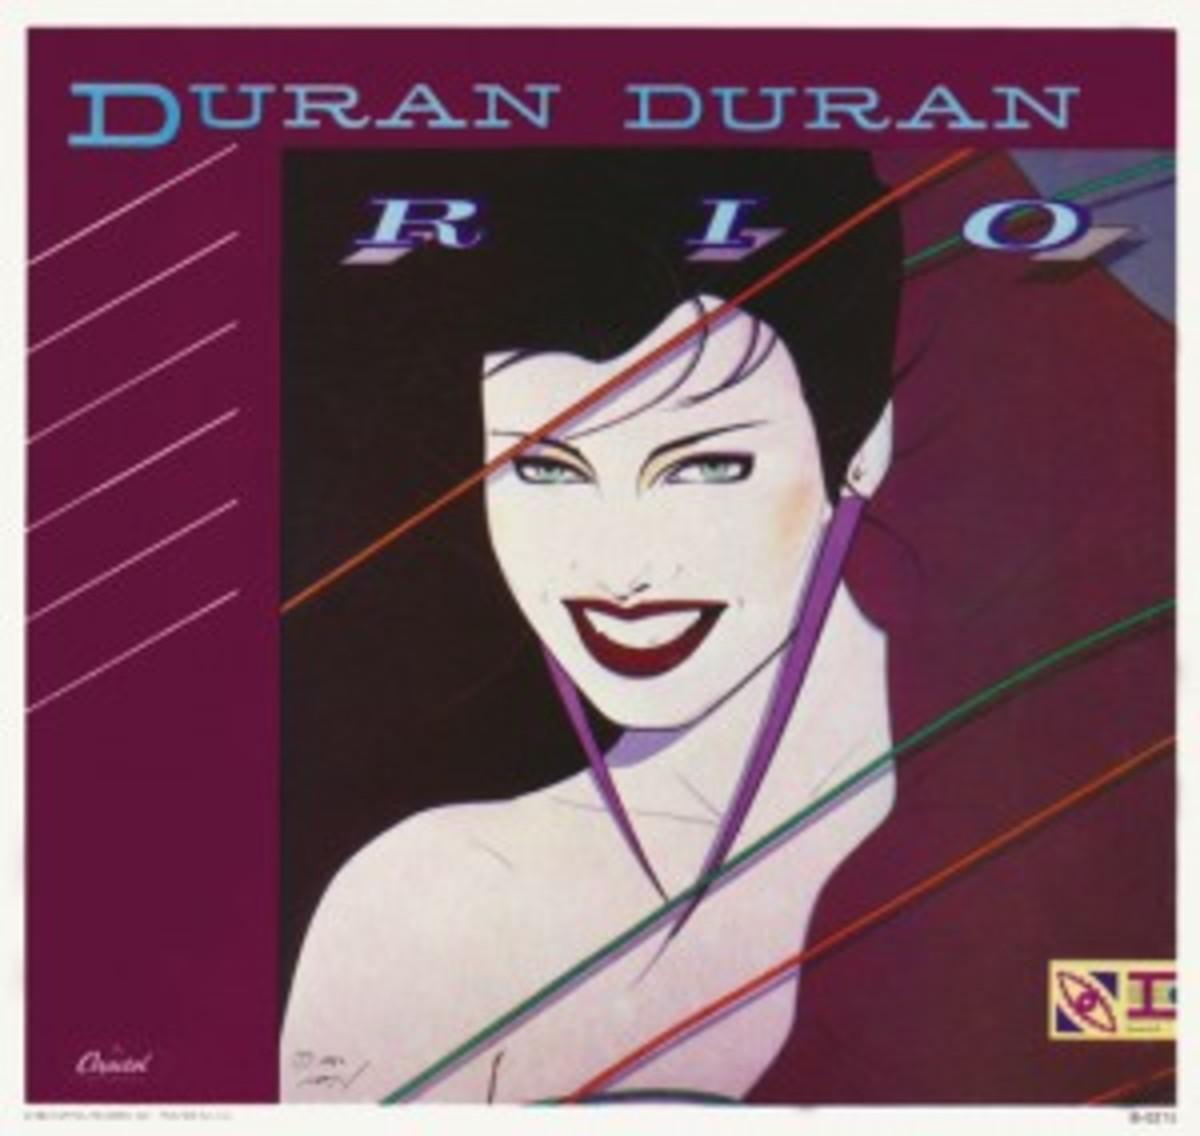 Duran Duran Rio picture sleeve